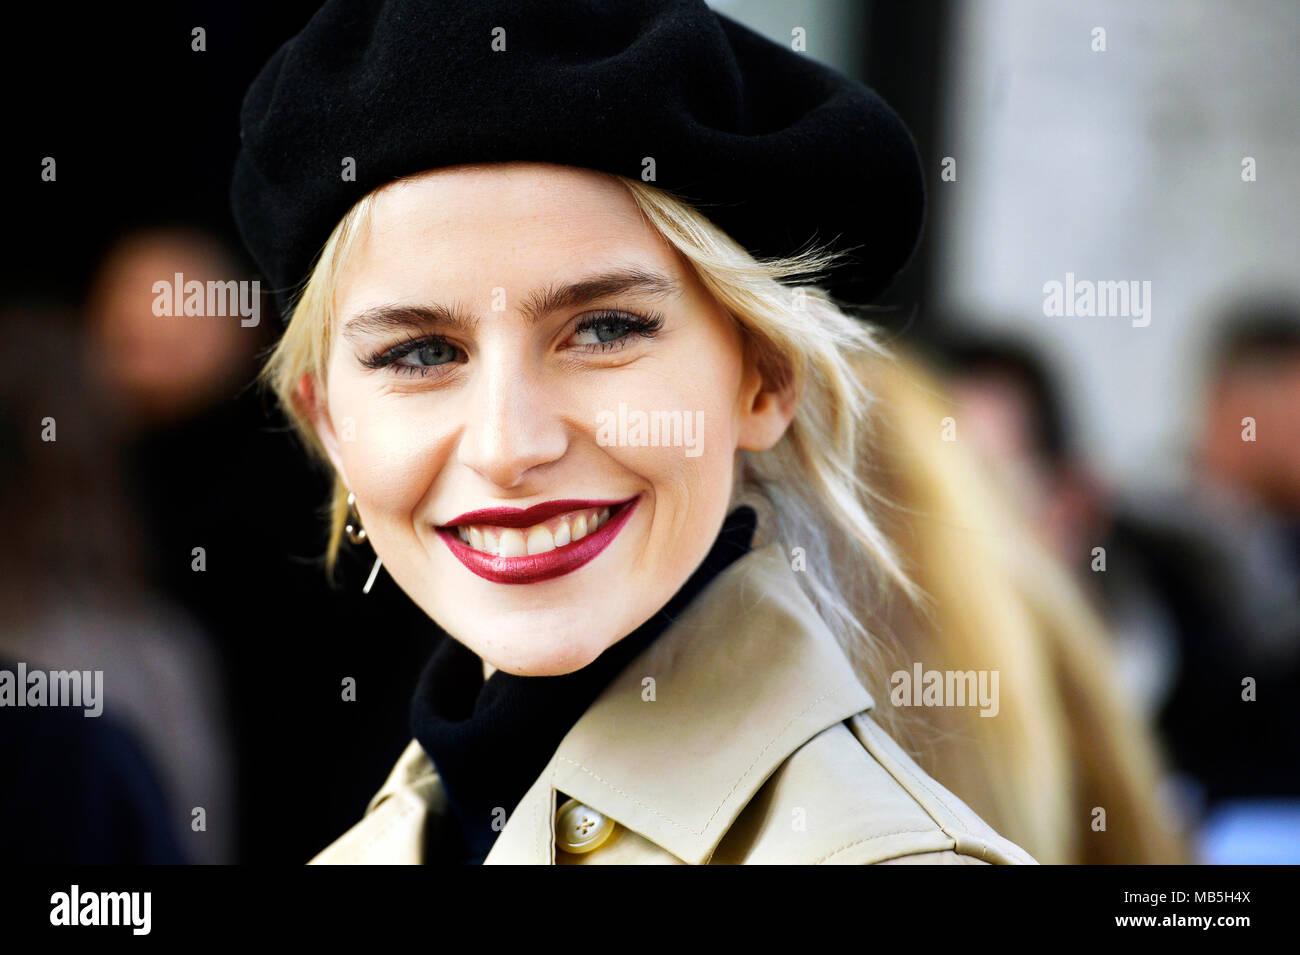 Caroline Daur at Fashion Week of Paris - Ready to Wear FW 18/19 - Paris - France - Stock Image